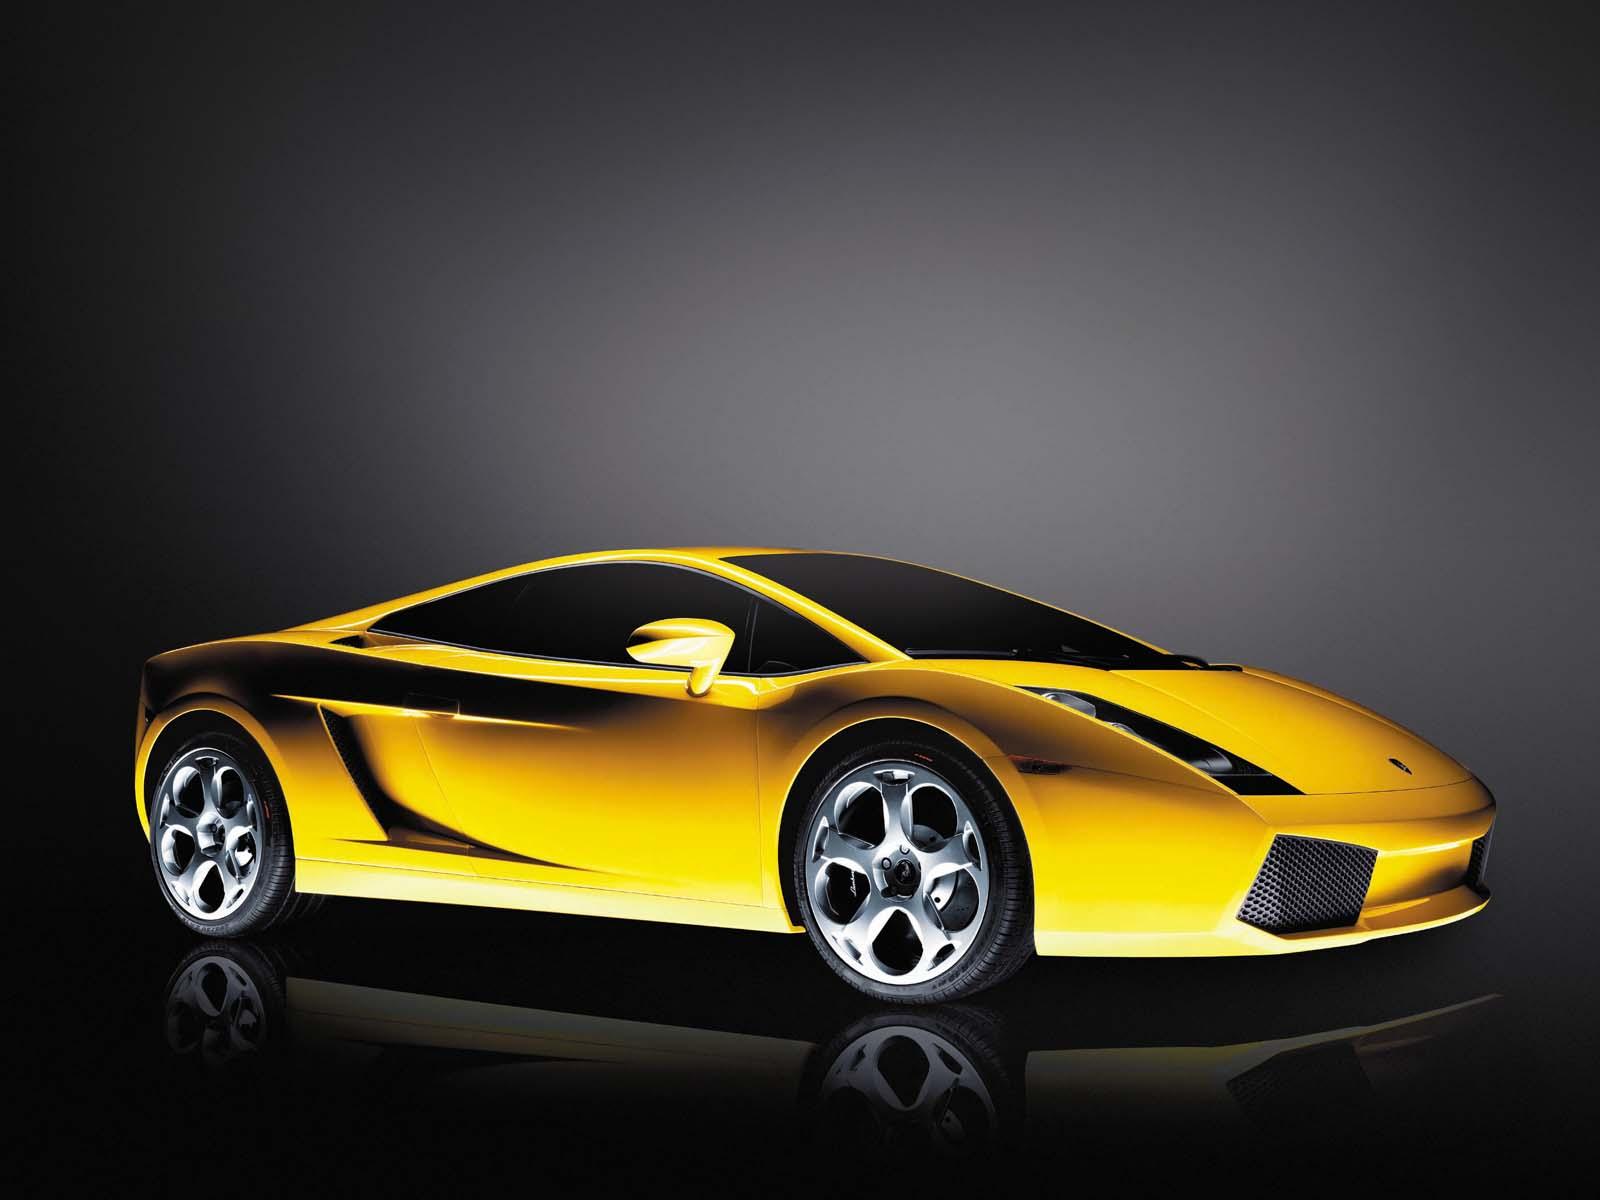 Lamborghini Gallardo 002 Lamborghini Wallpaper Hd 2011